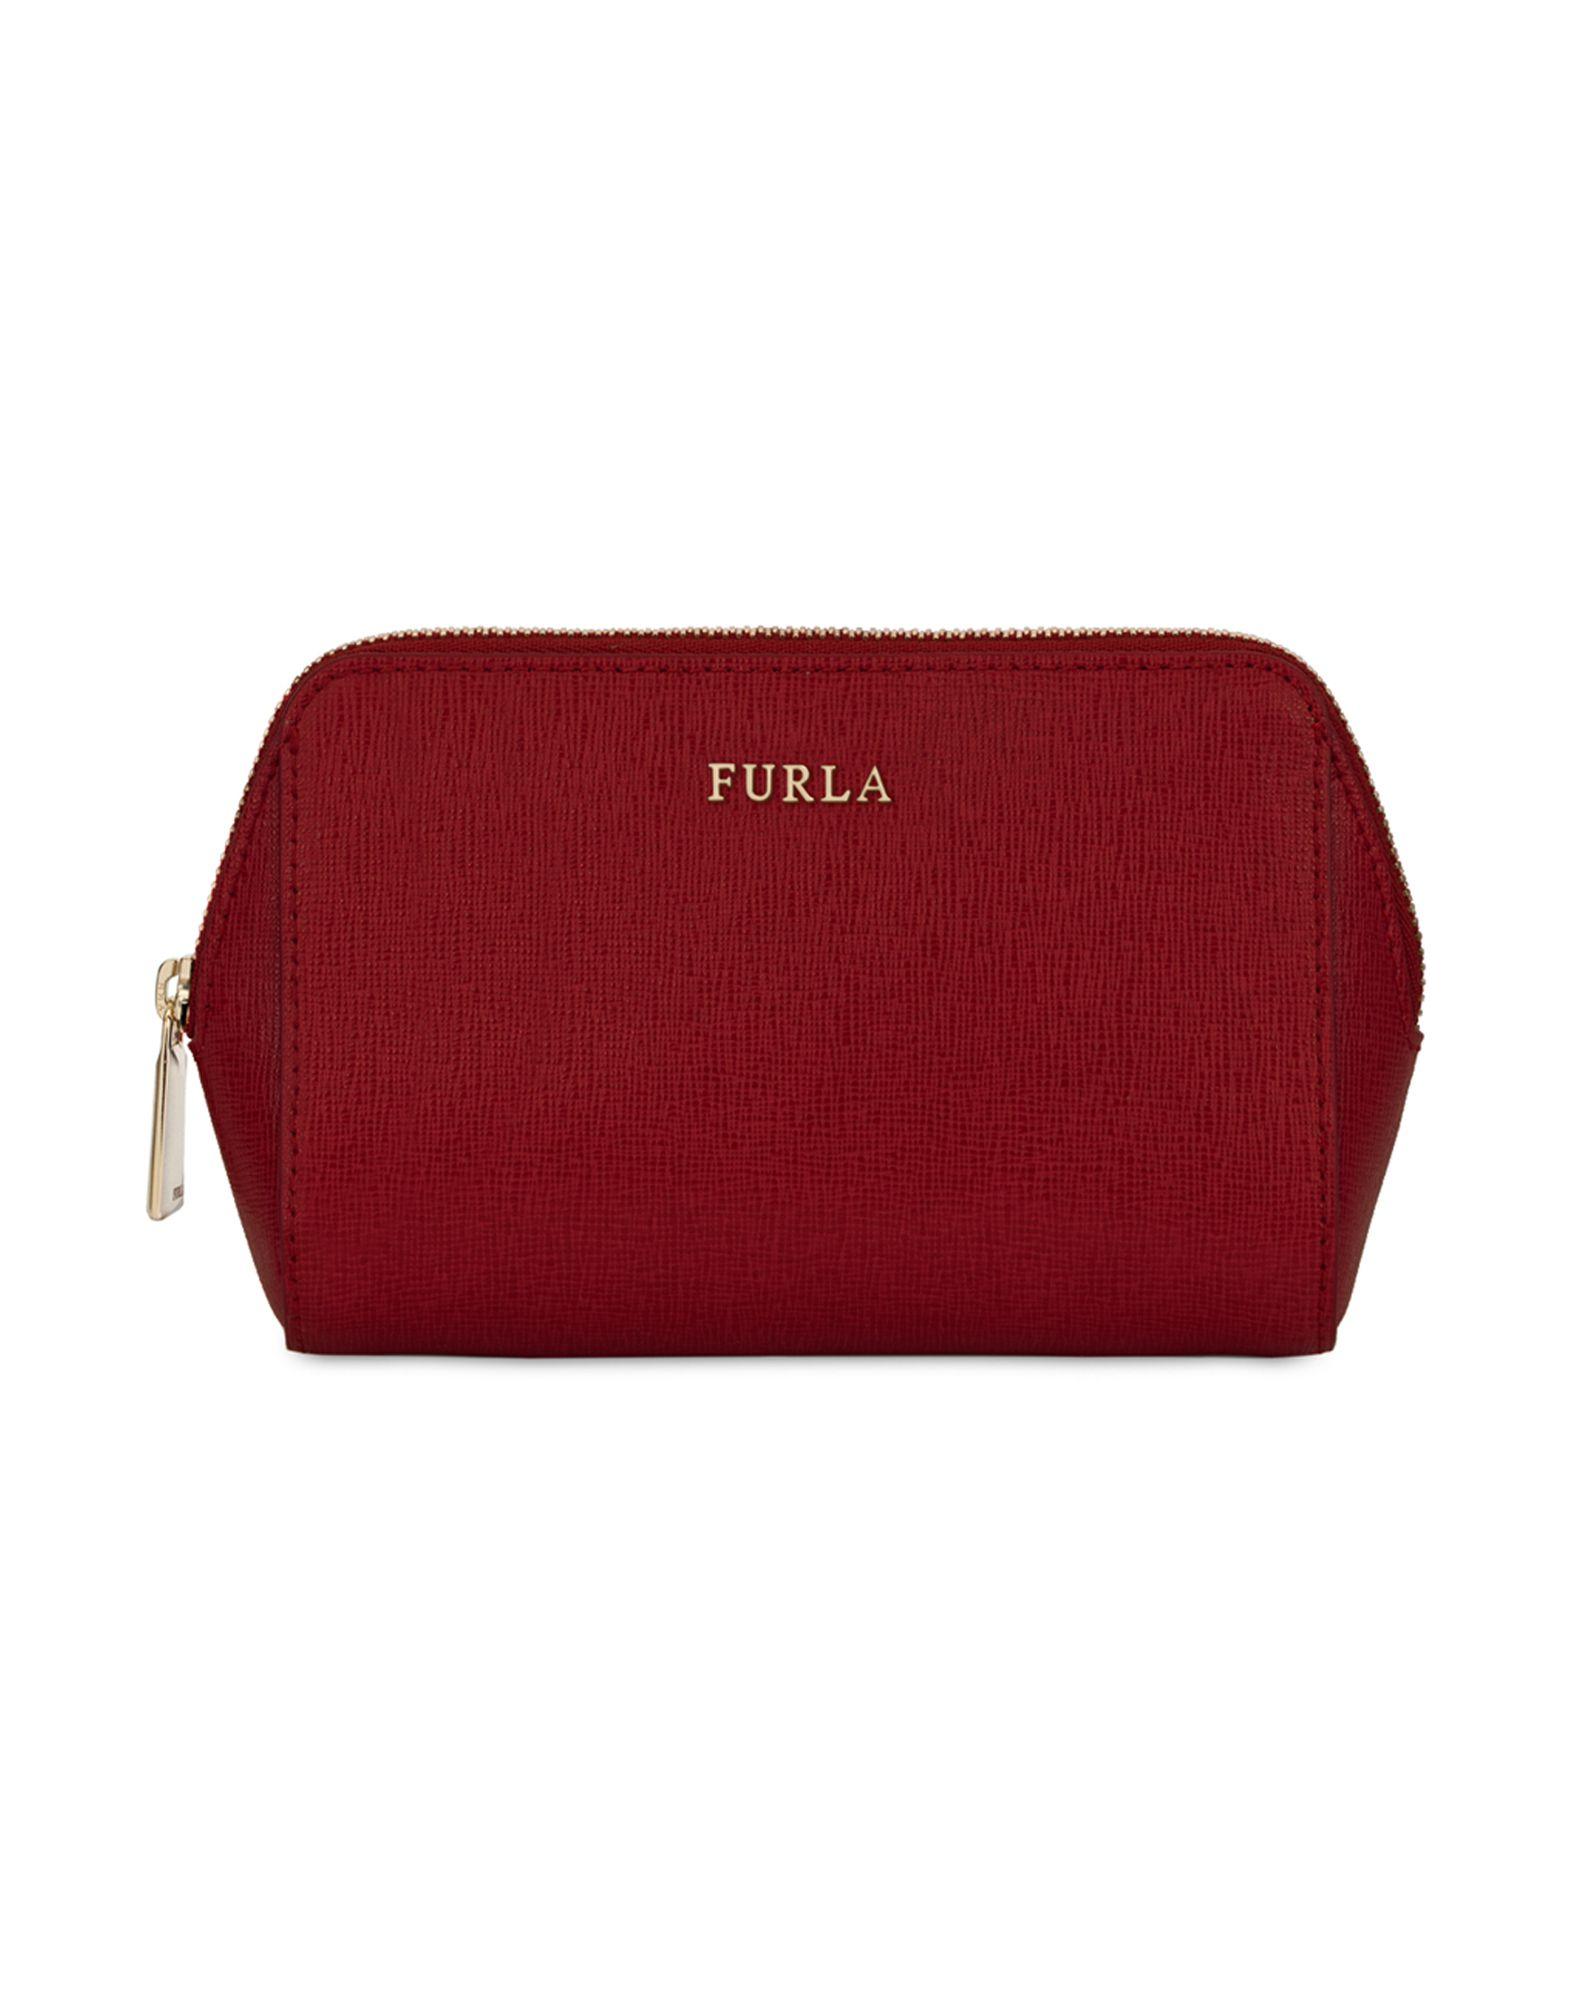 FURLA Beauty case trussardi beauty case